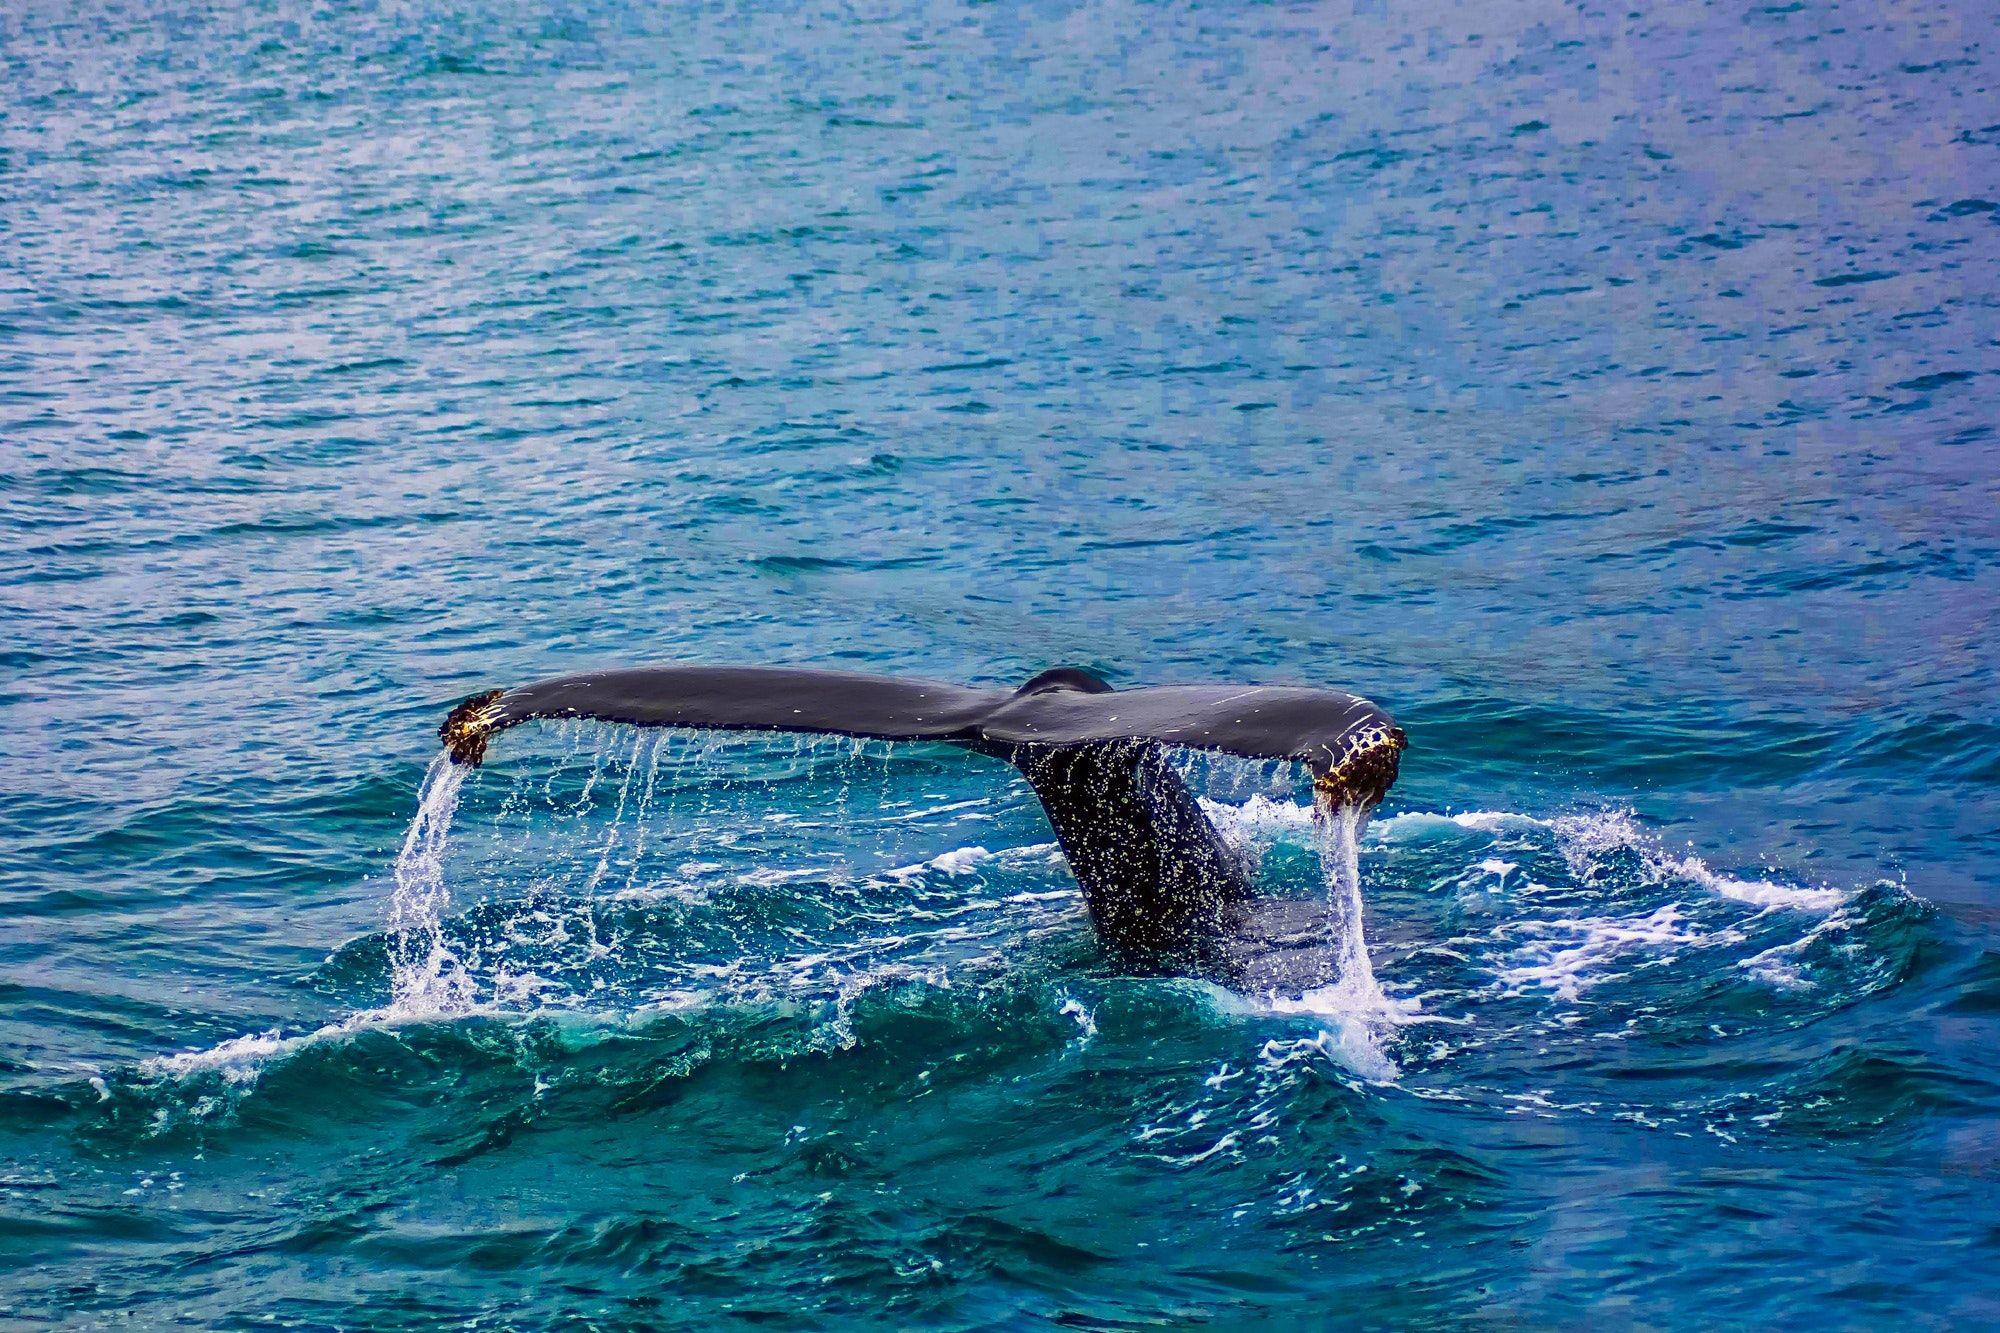 whale whisperer